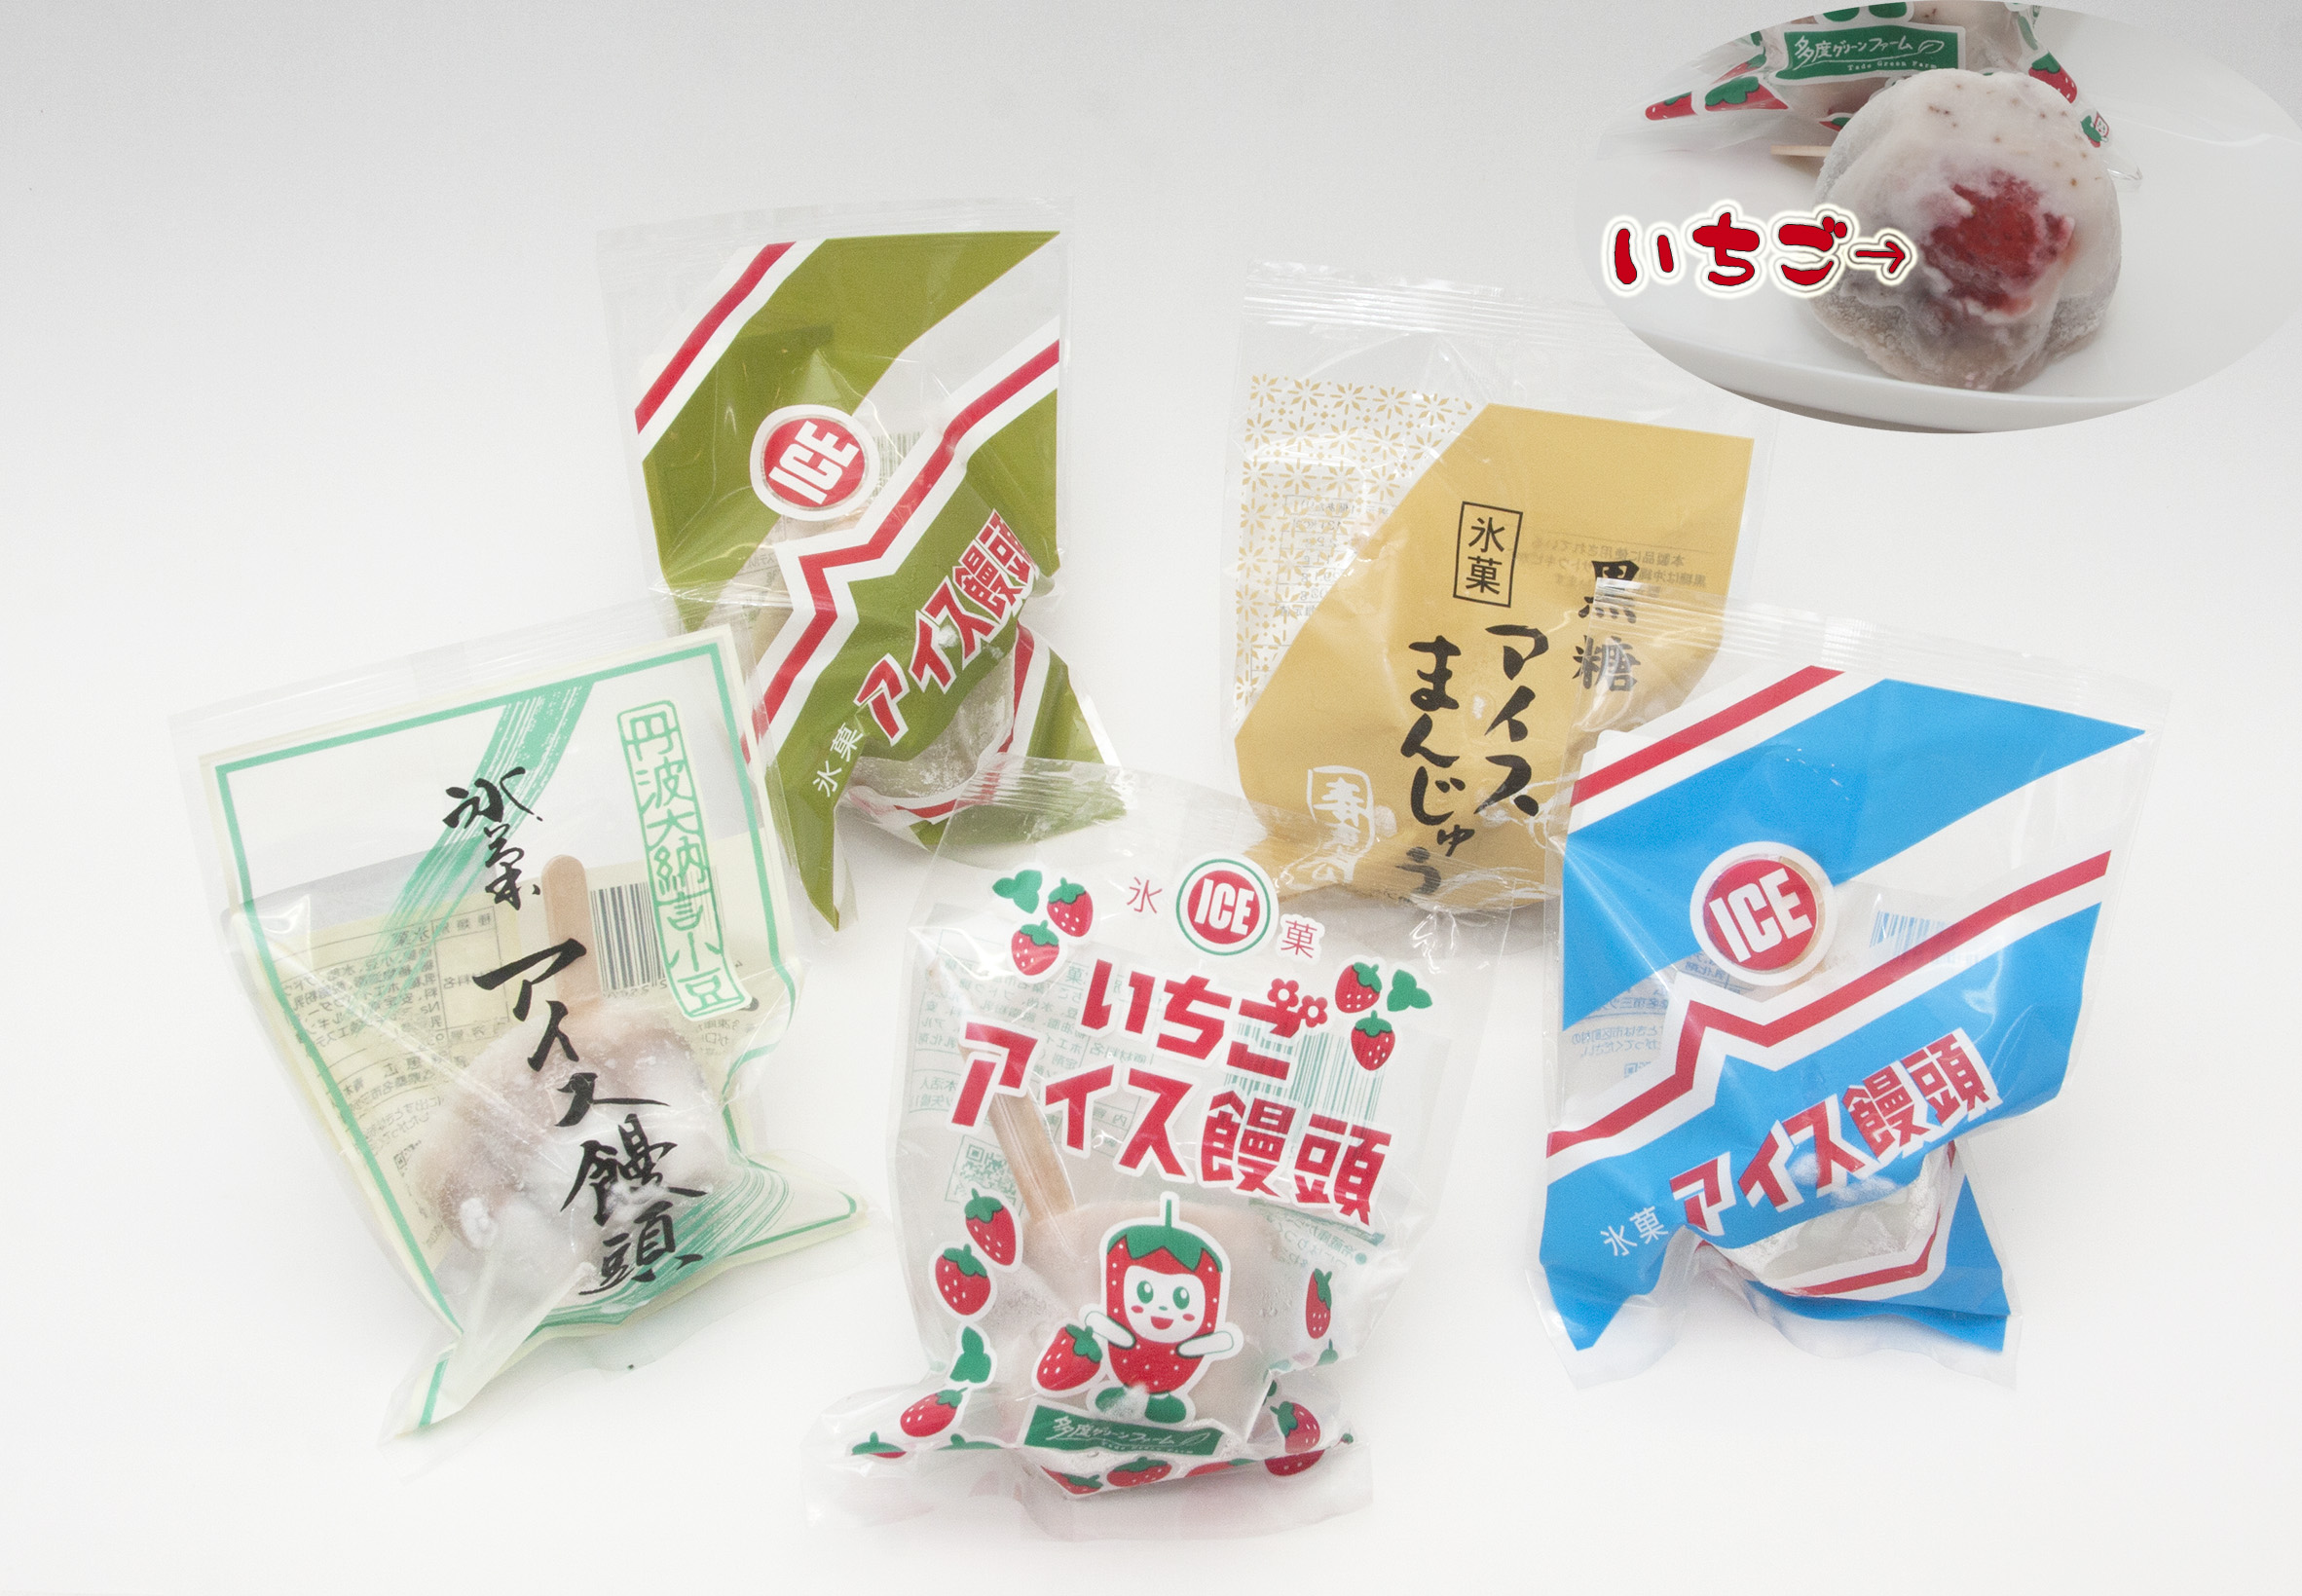 アイス饅頭詰め合わせDセット(20本)